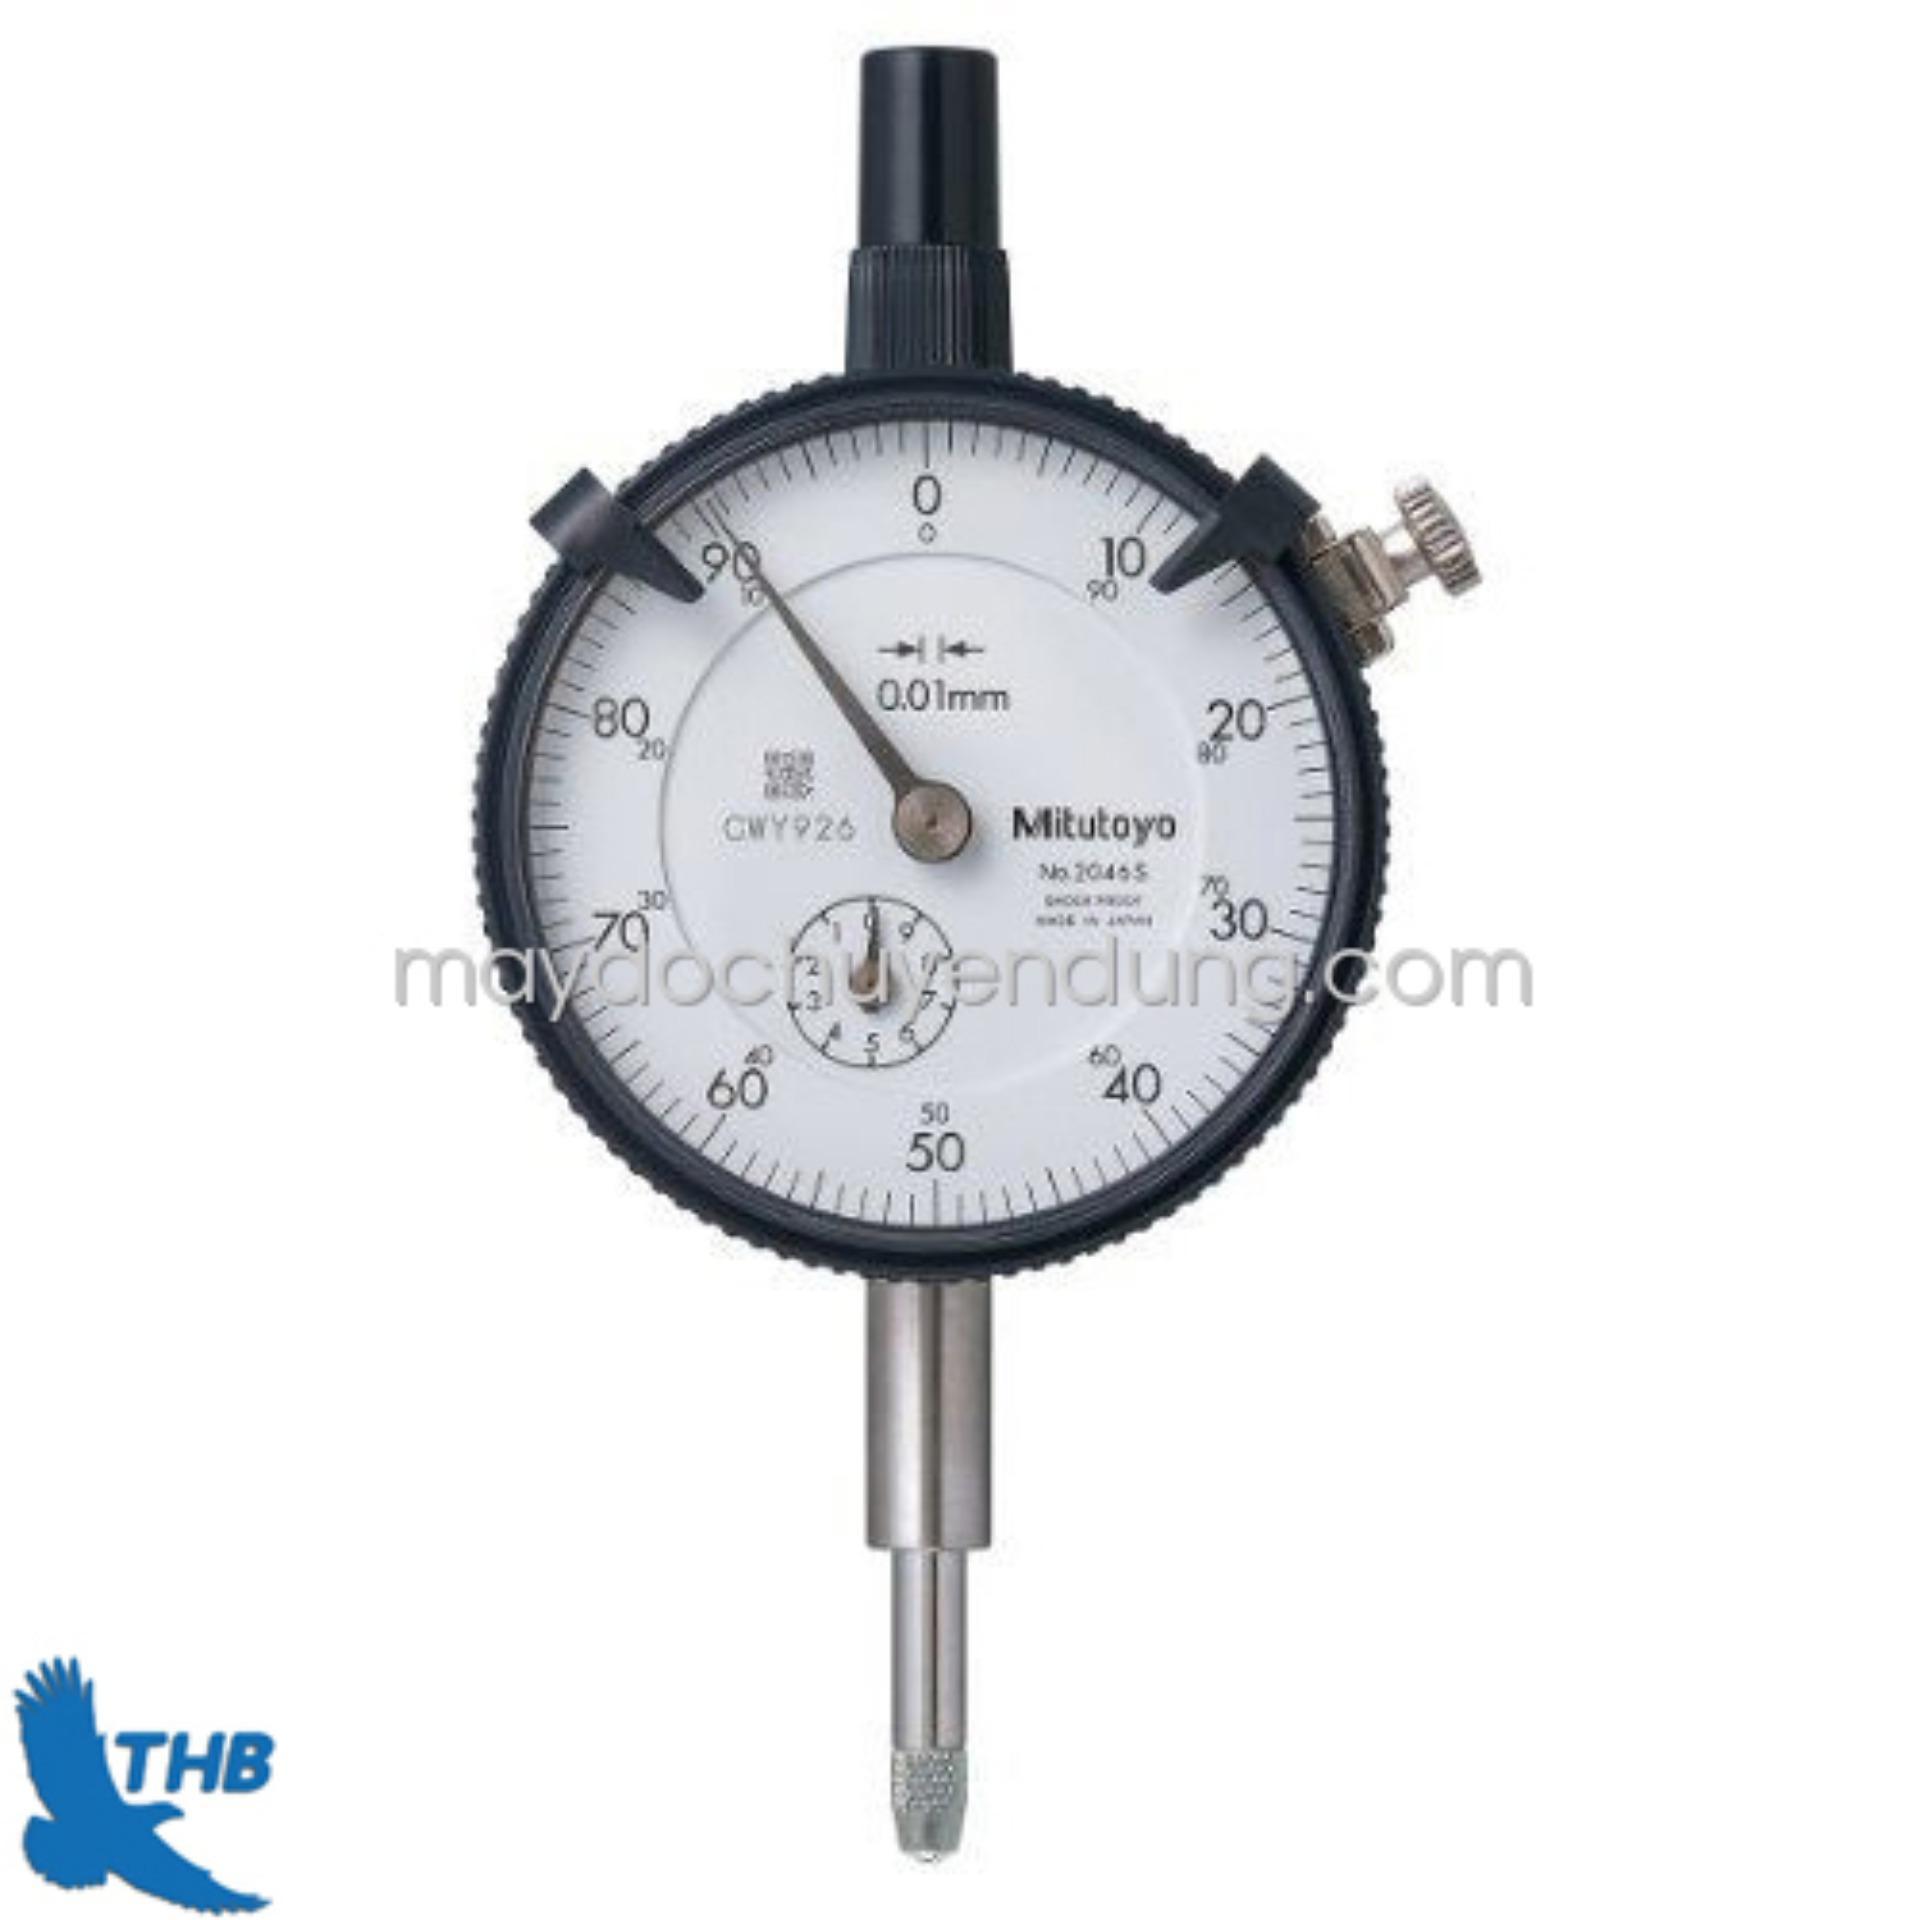 Đồng hồ so cơ dải đo 0-10mm/0.01 Mitutoyo 2046S